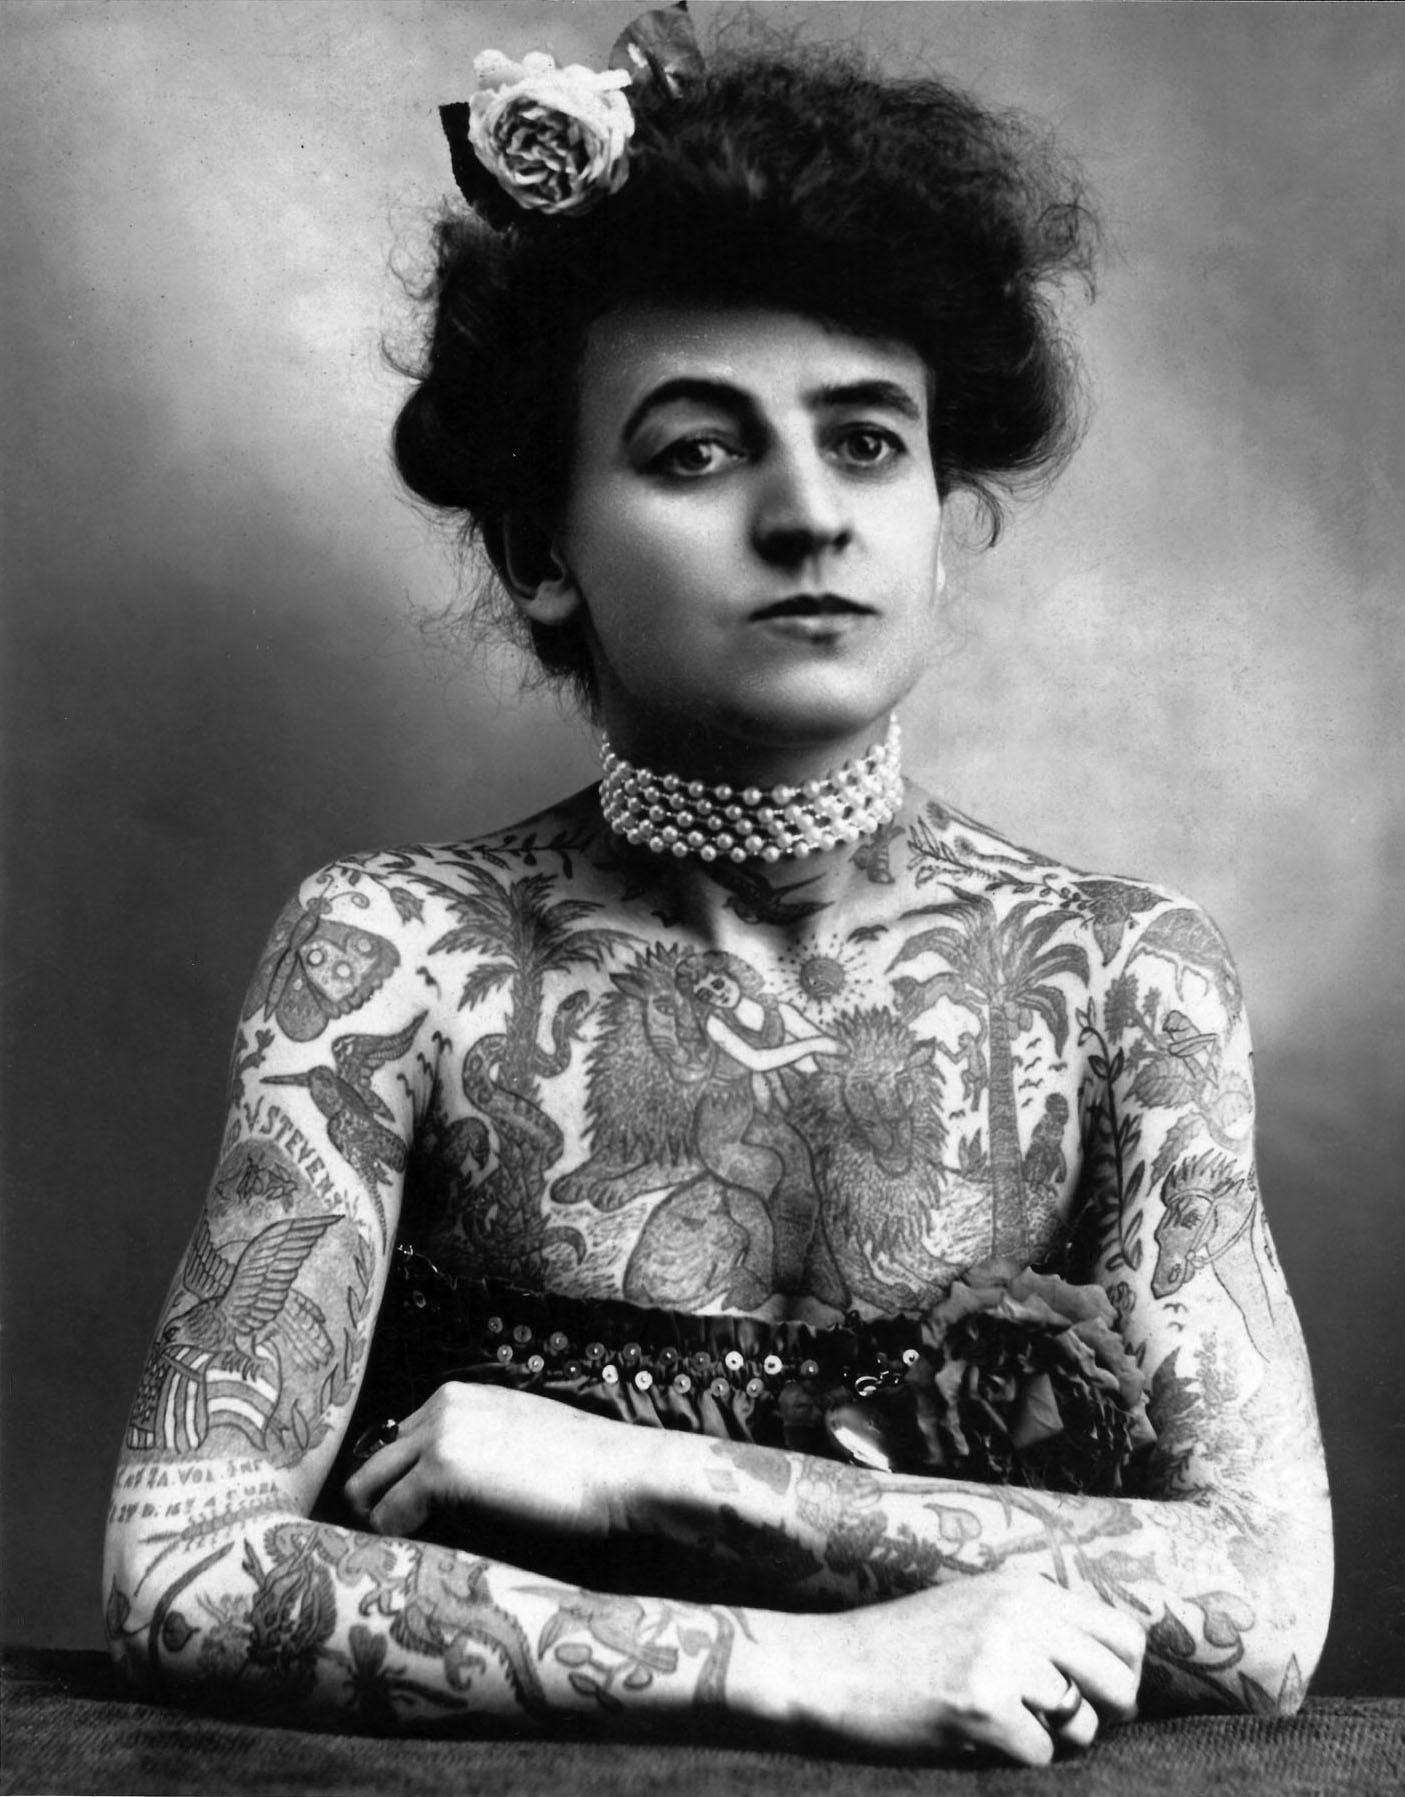 Maud Stevens Wagner (1877-1961), USA: Ina da las emprimas tetovadras. E tge utschè sa zuppa sut la culauna da perlas? Natiralmain la randulina.